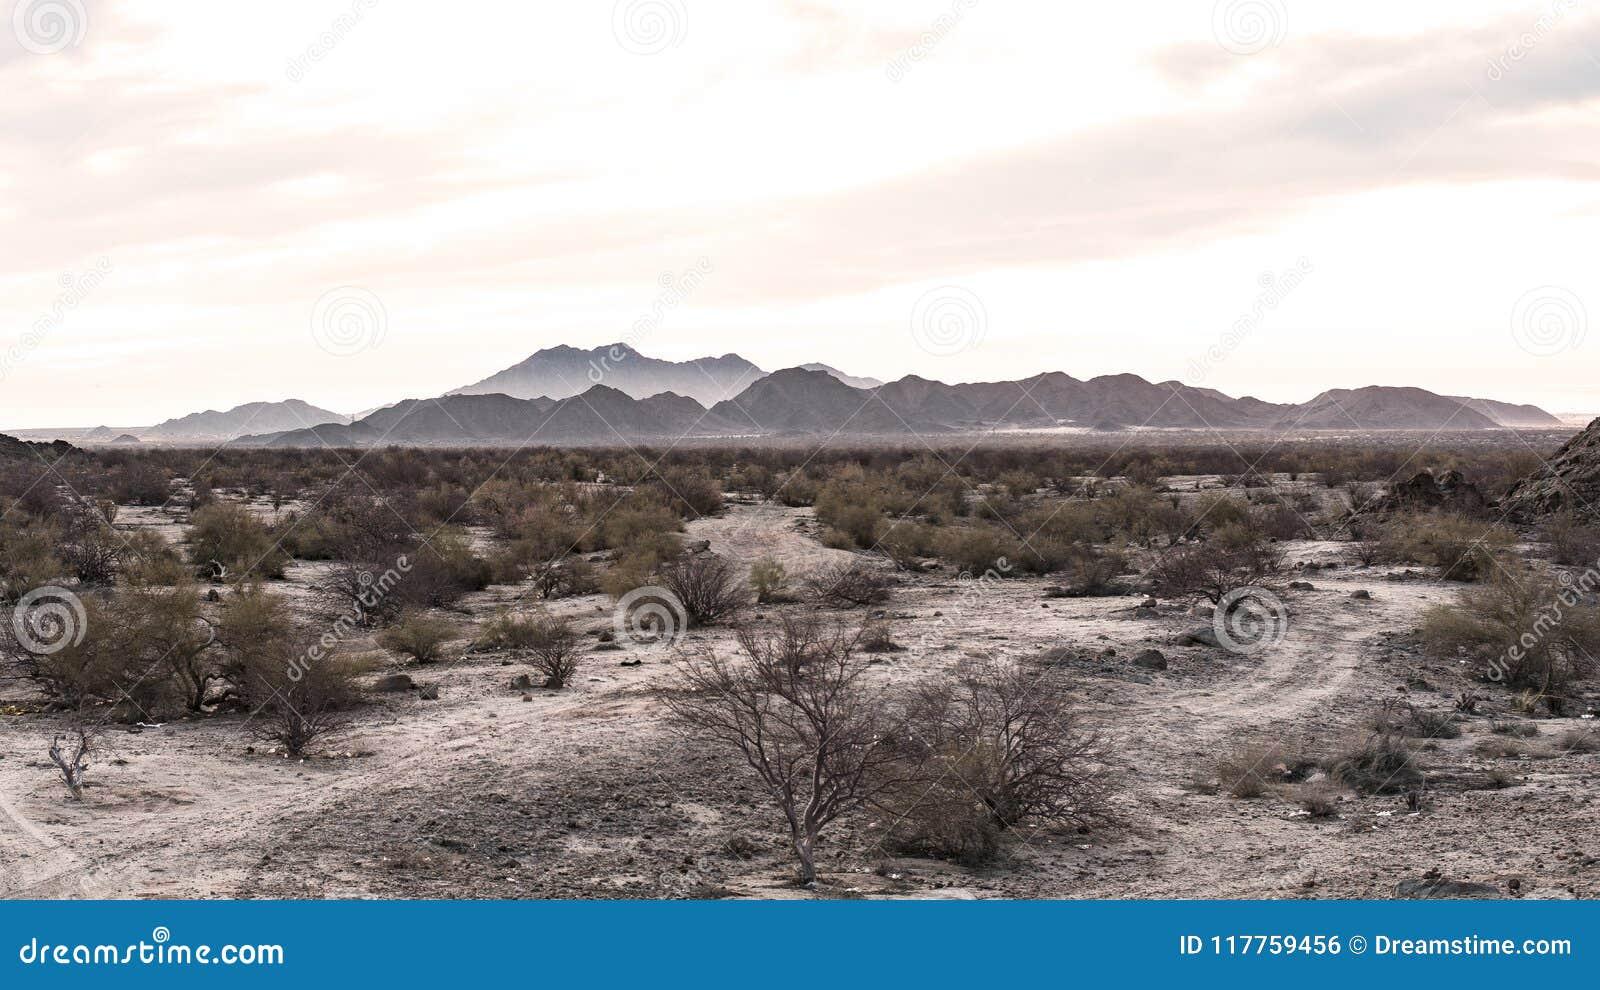 Sepiowy pustynia krajobraz z górami w tle